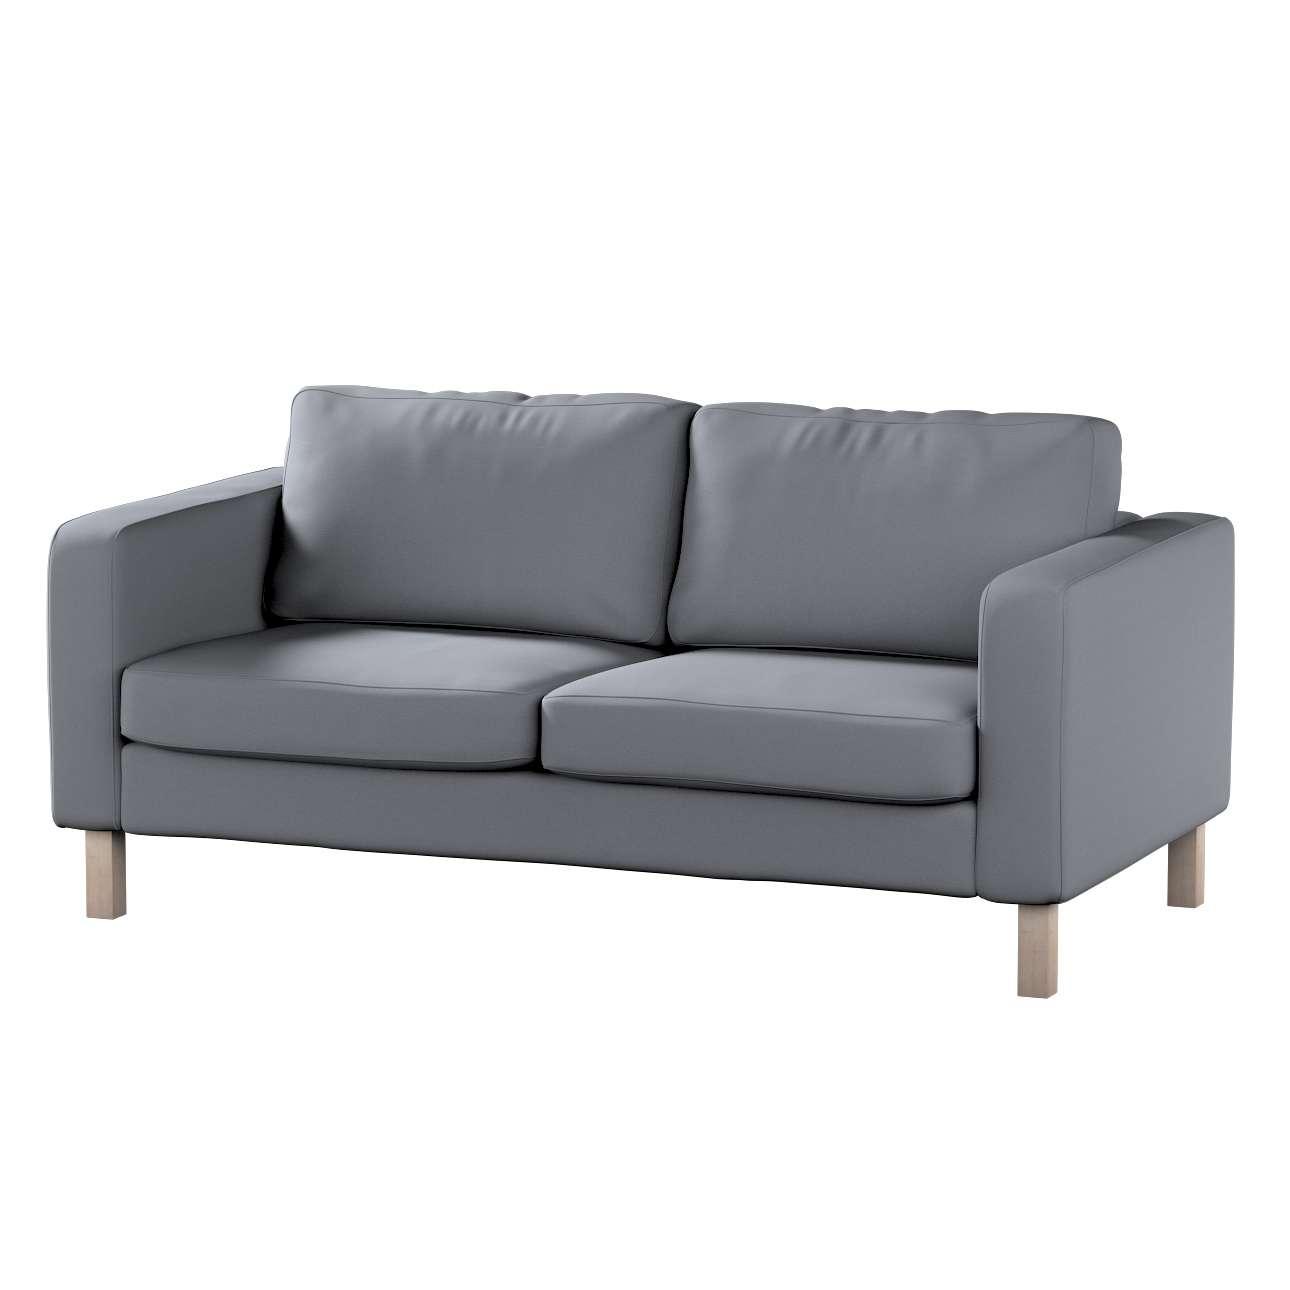 Potah na pohovku IKEA  Karlstad 2-místná, nerozkládací, krátký v kolekci Cotton Panama, látka: 702-07